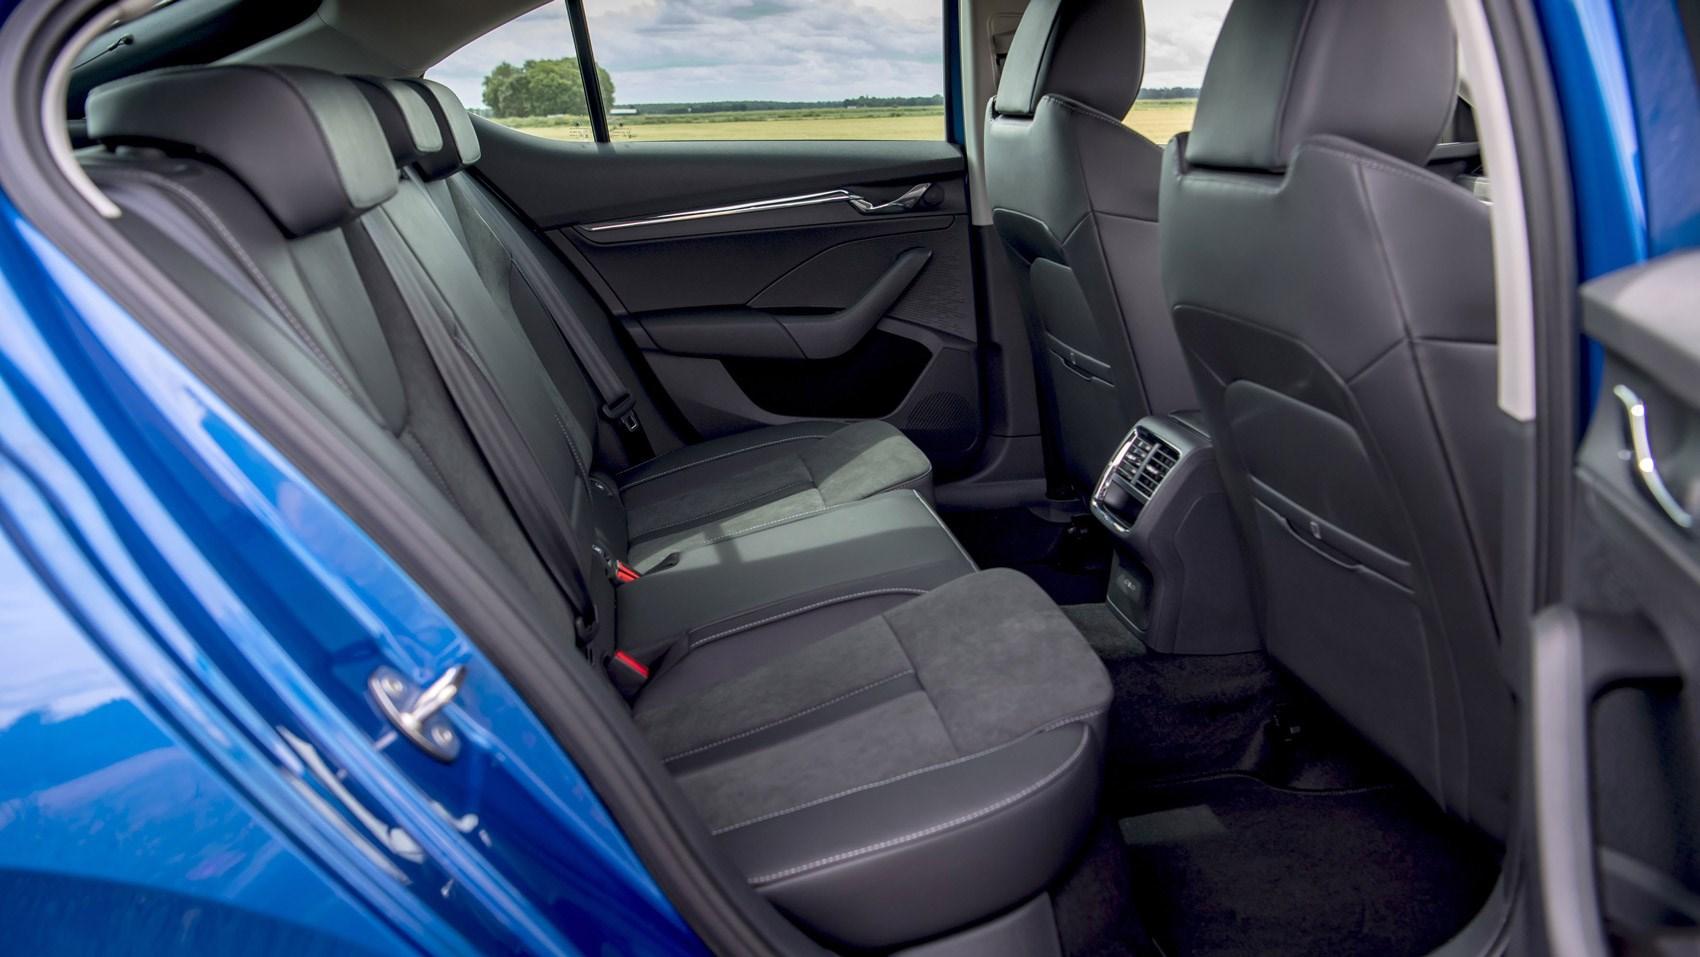 Octavia rear seats